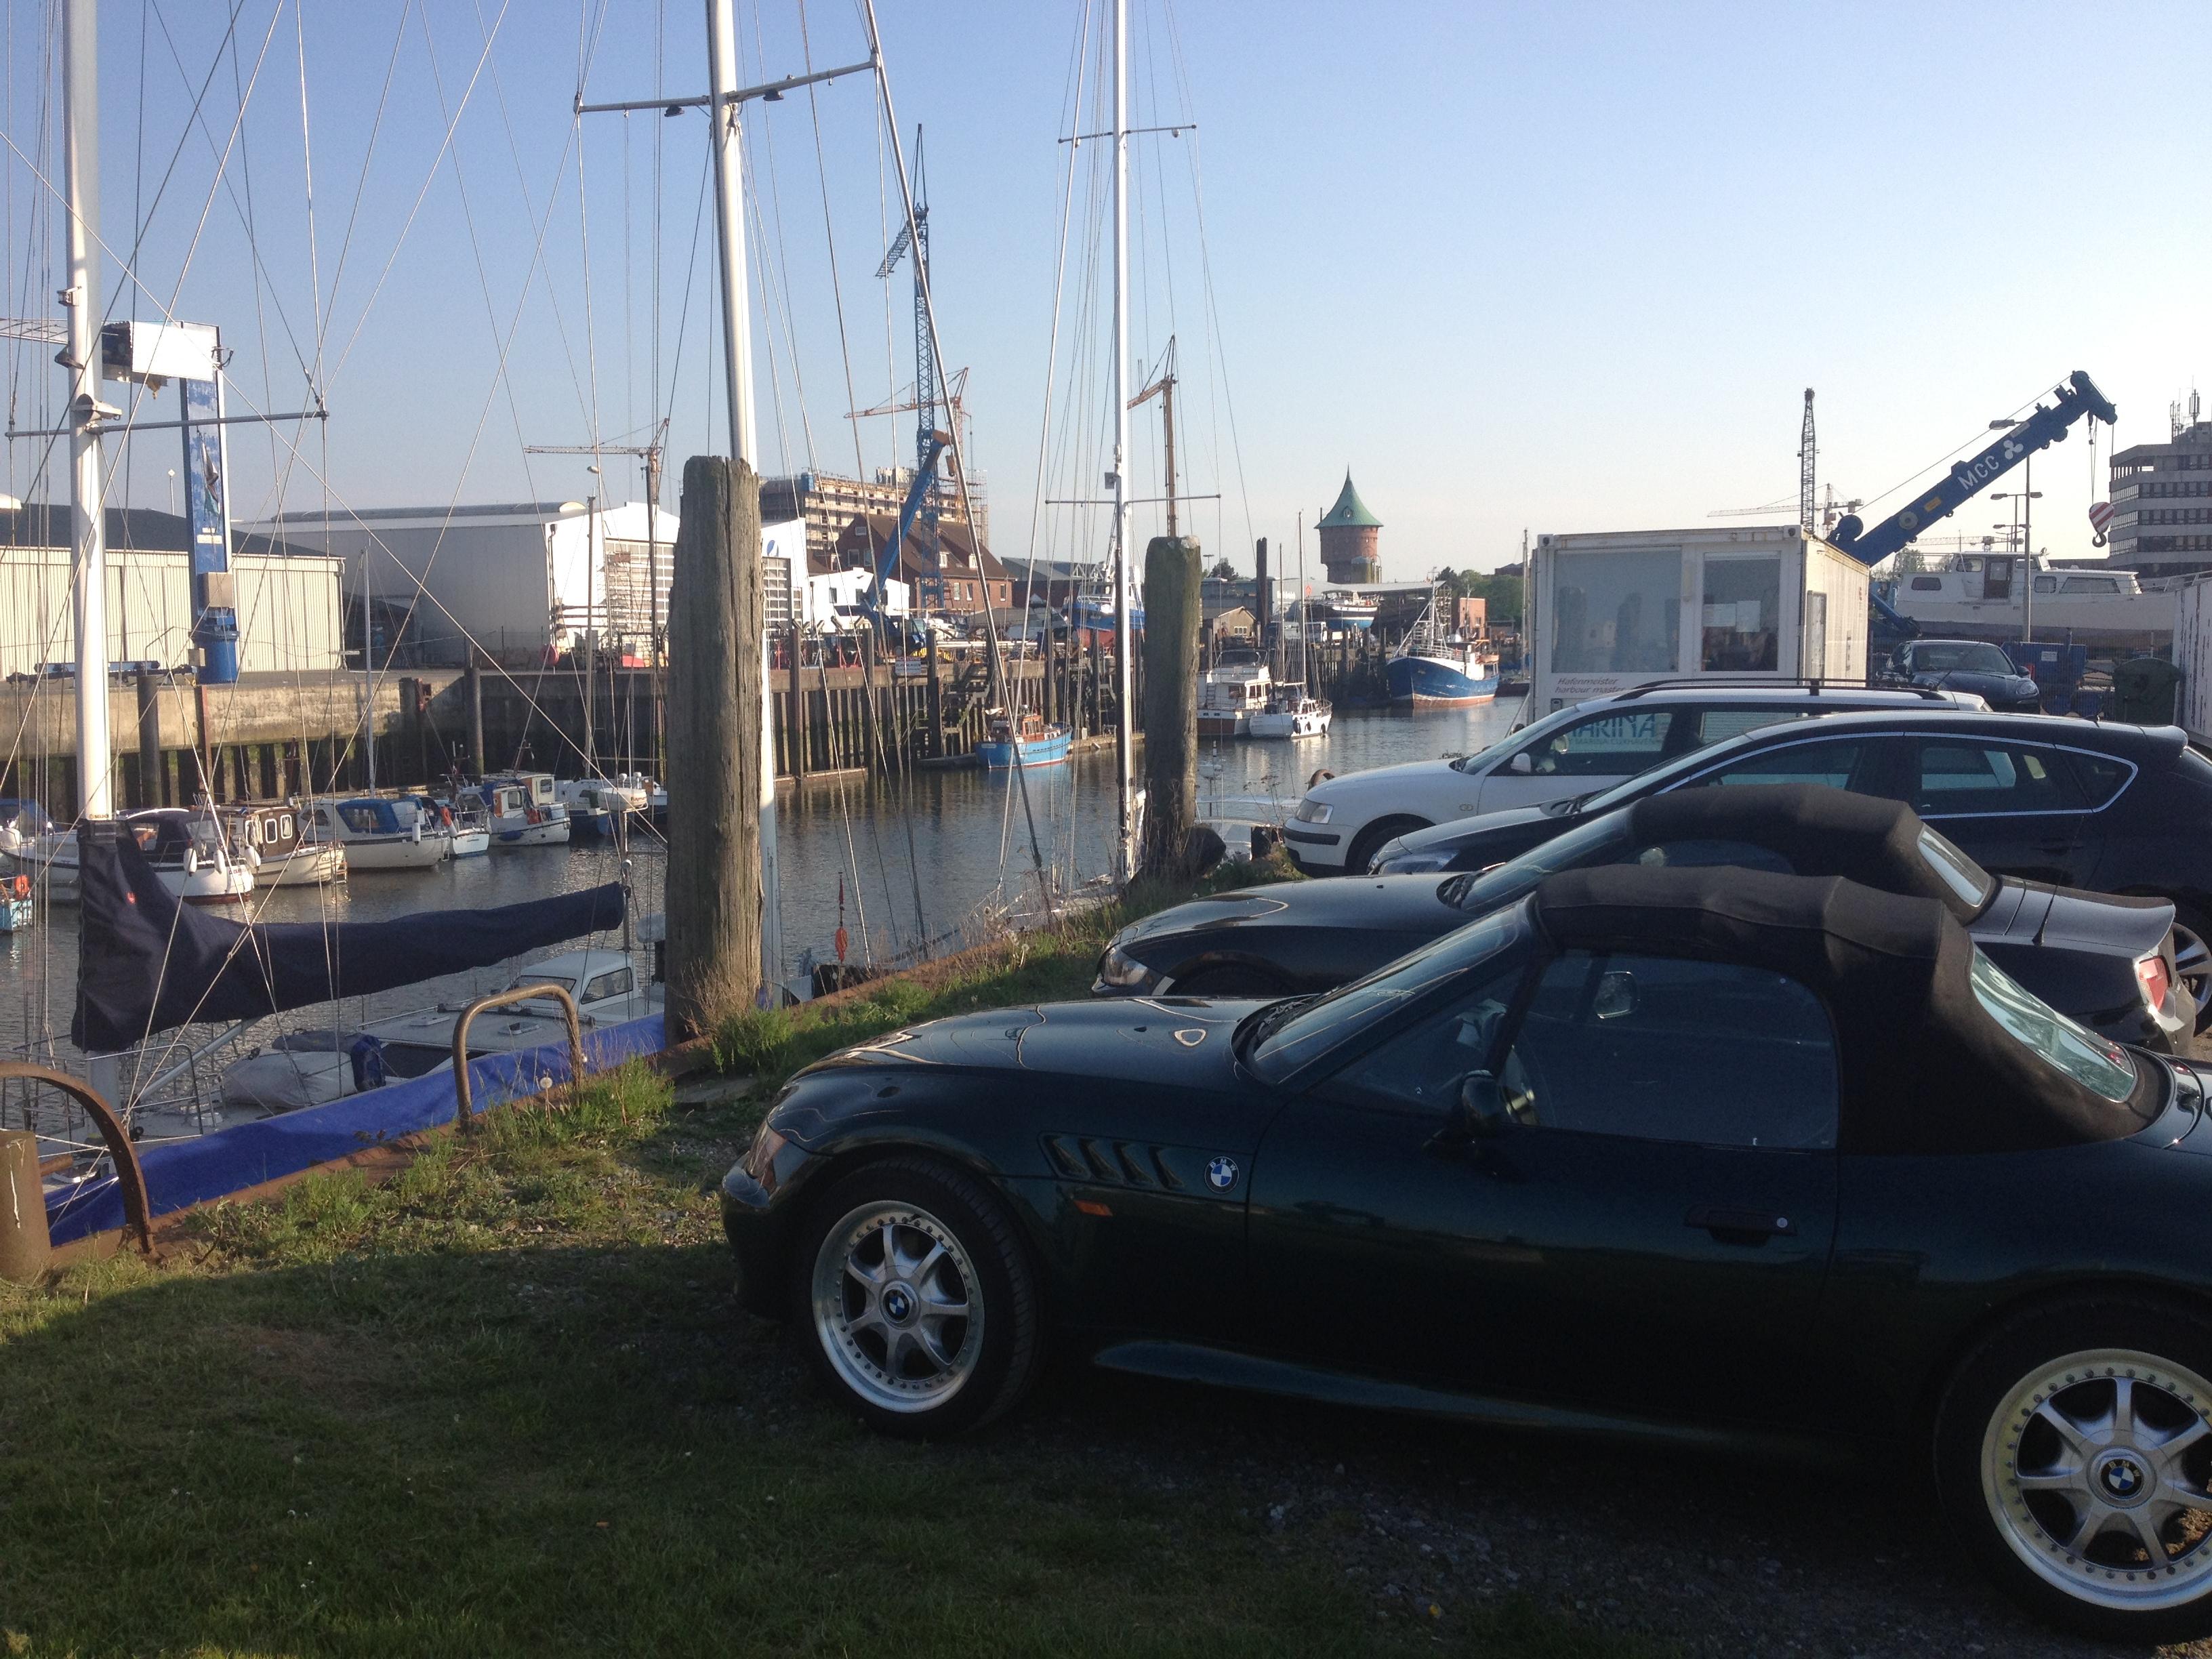 машины и яхты - дорогие игрушки уважаемых людей